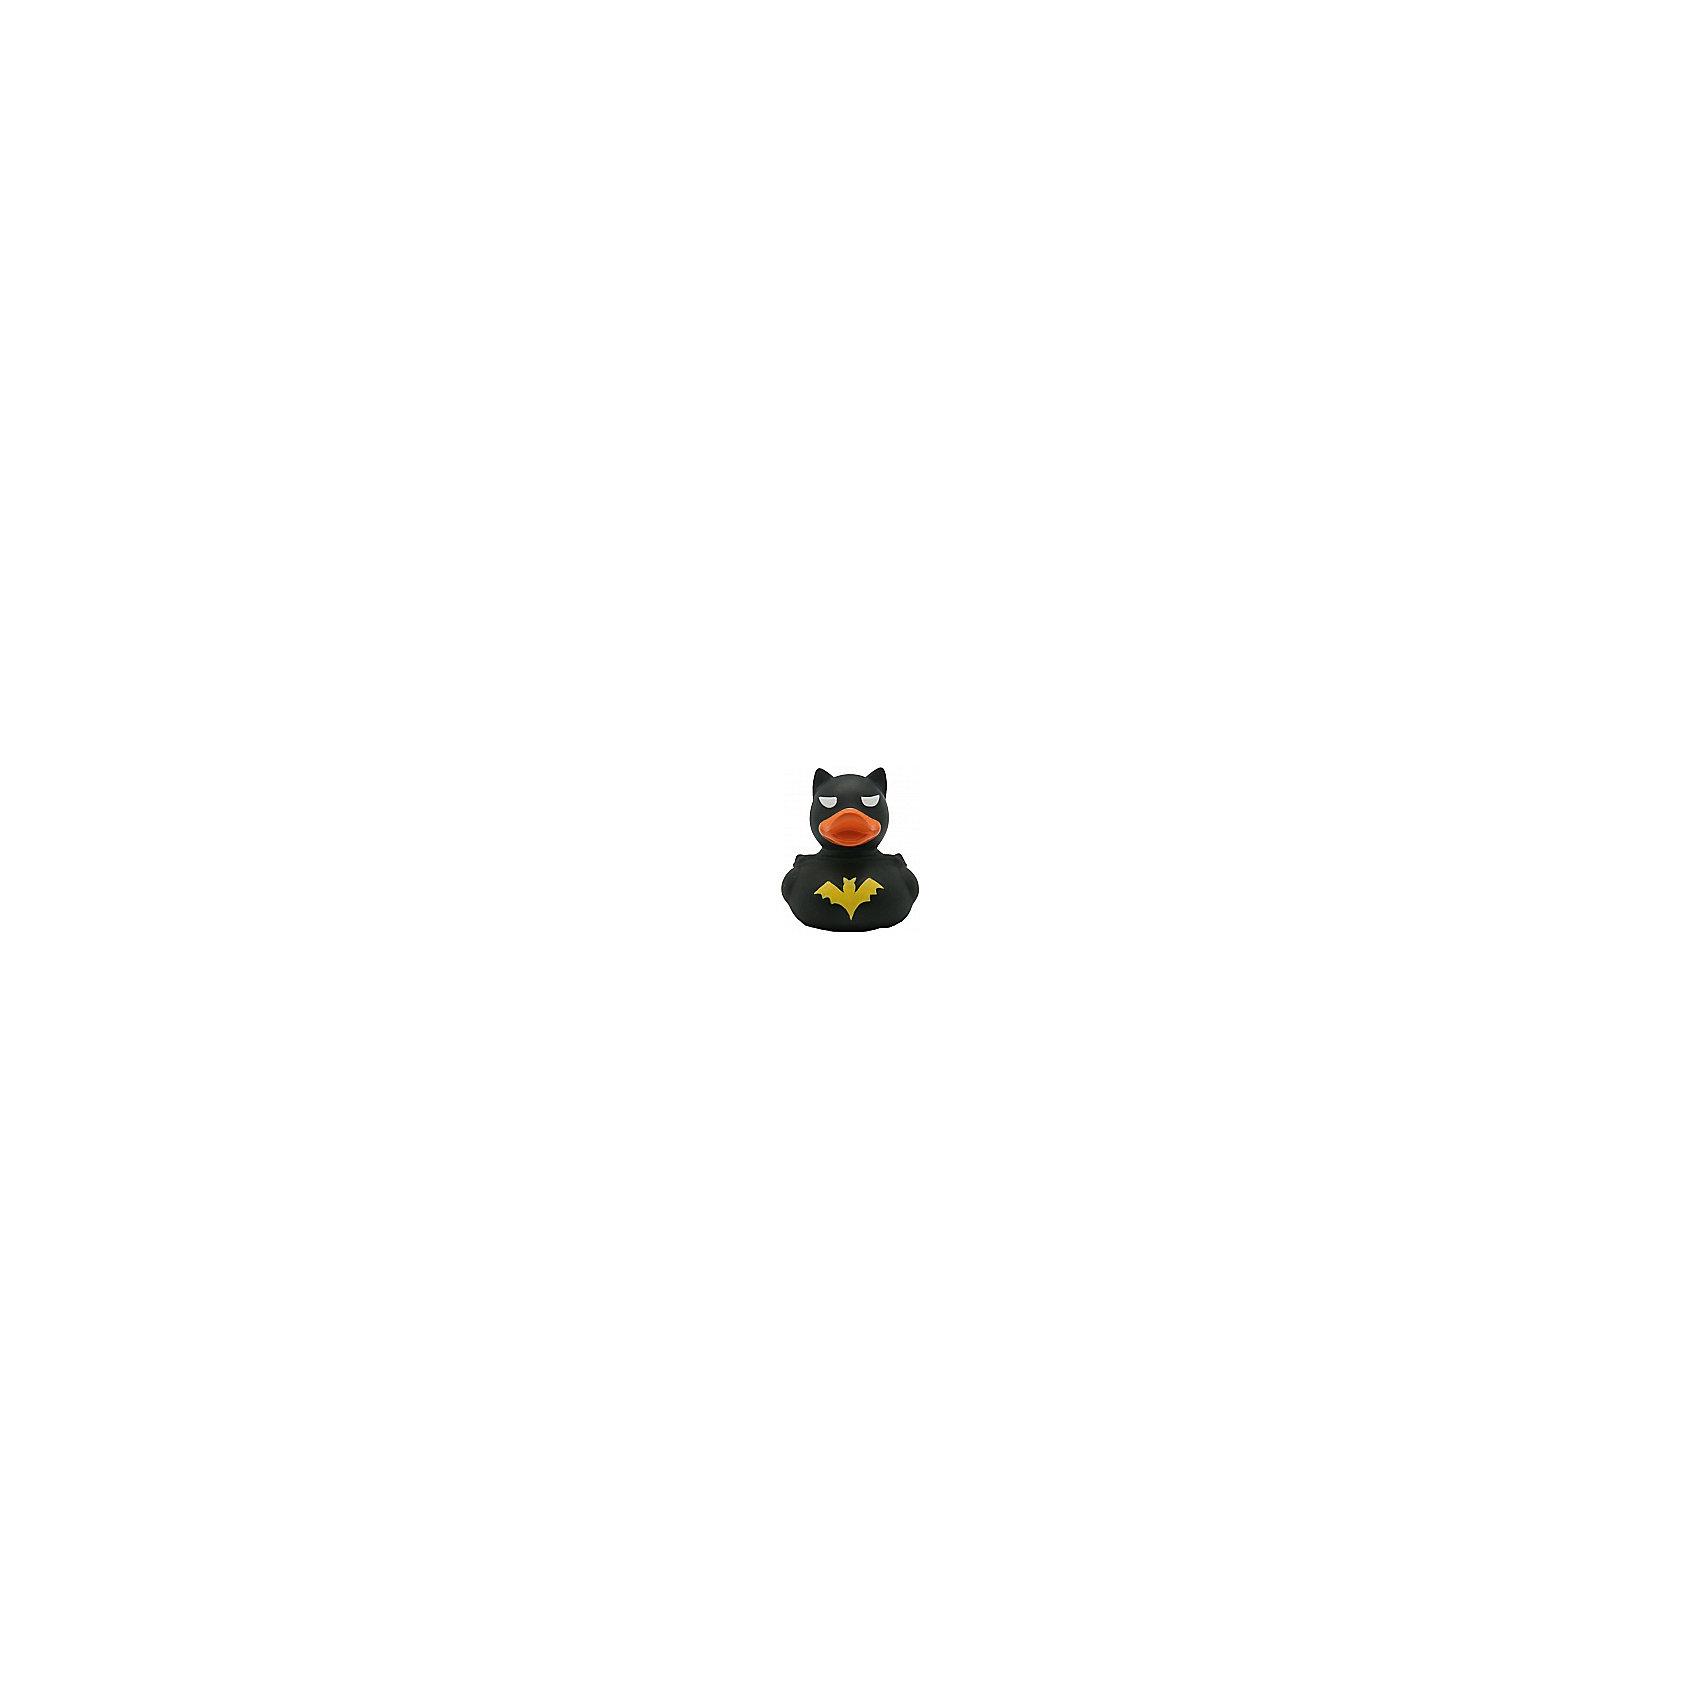 - Уточка темный герой, Ути-Пути виброплатформы для похудения в алматы в интернет магазине